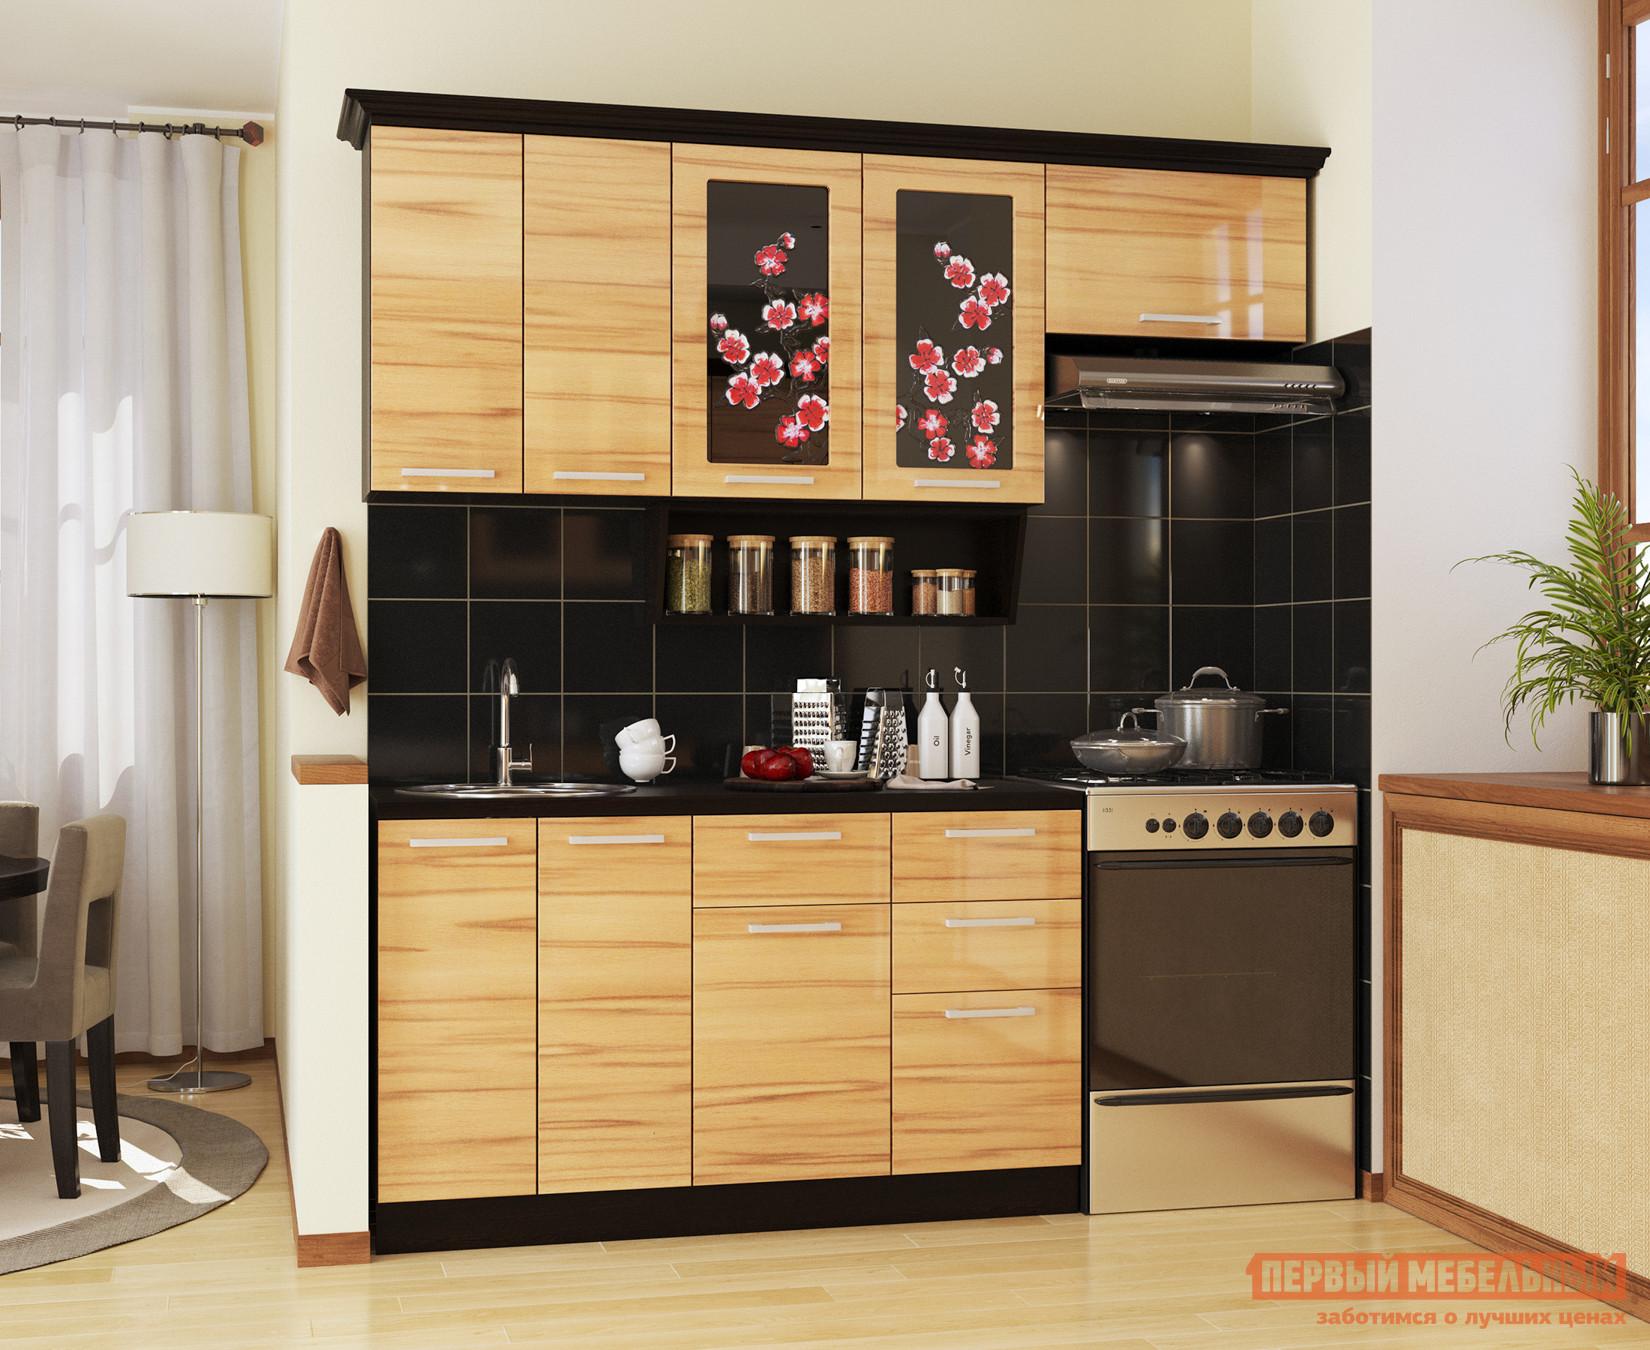 Кухонный гарнитур МО РОСТ Сакура 2 кухонный гарнитур трия фэнтези 120 см